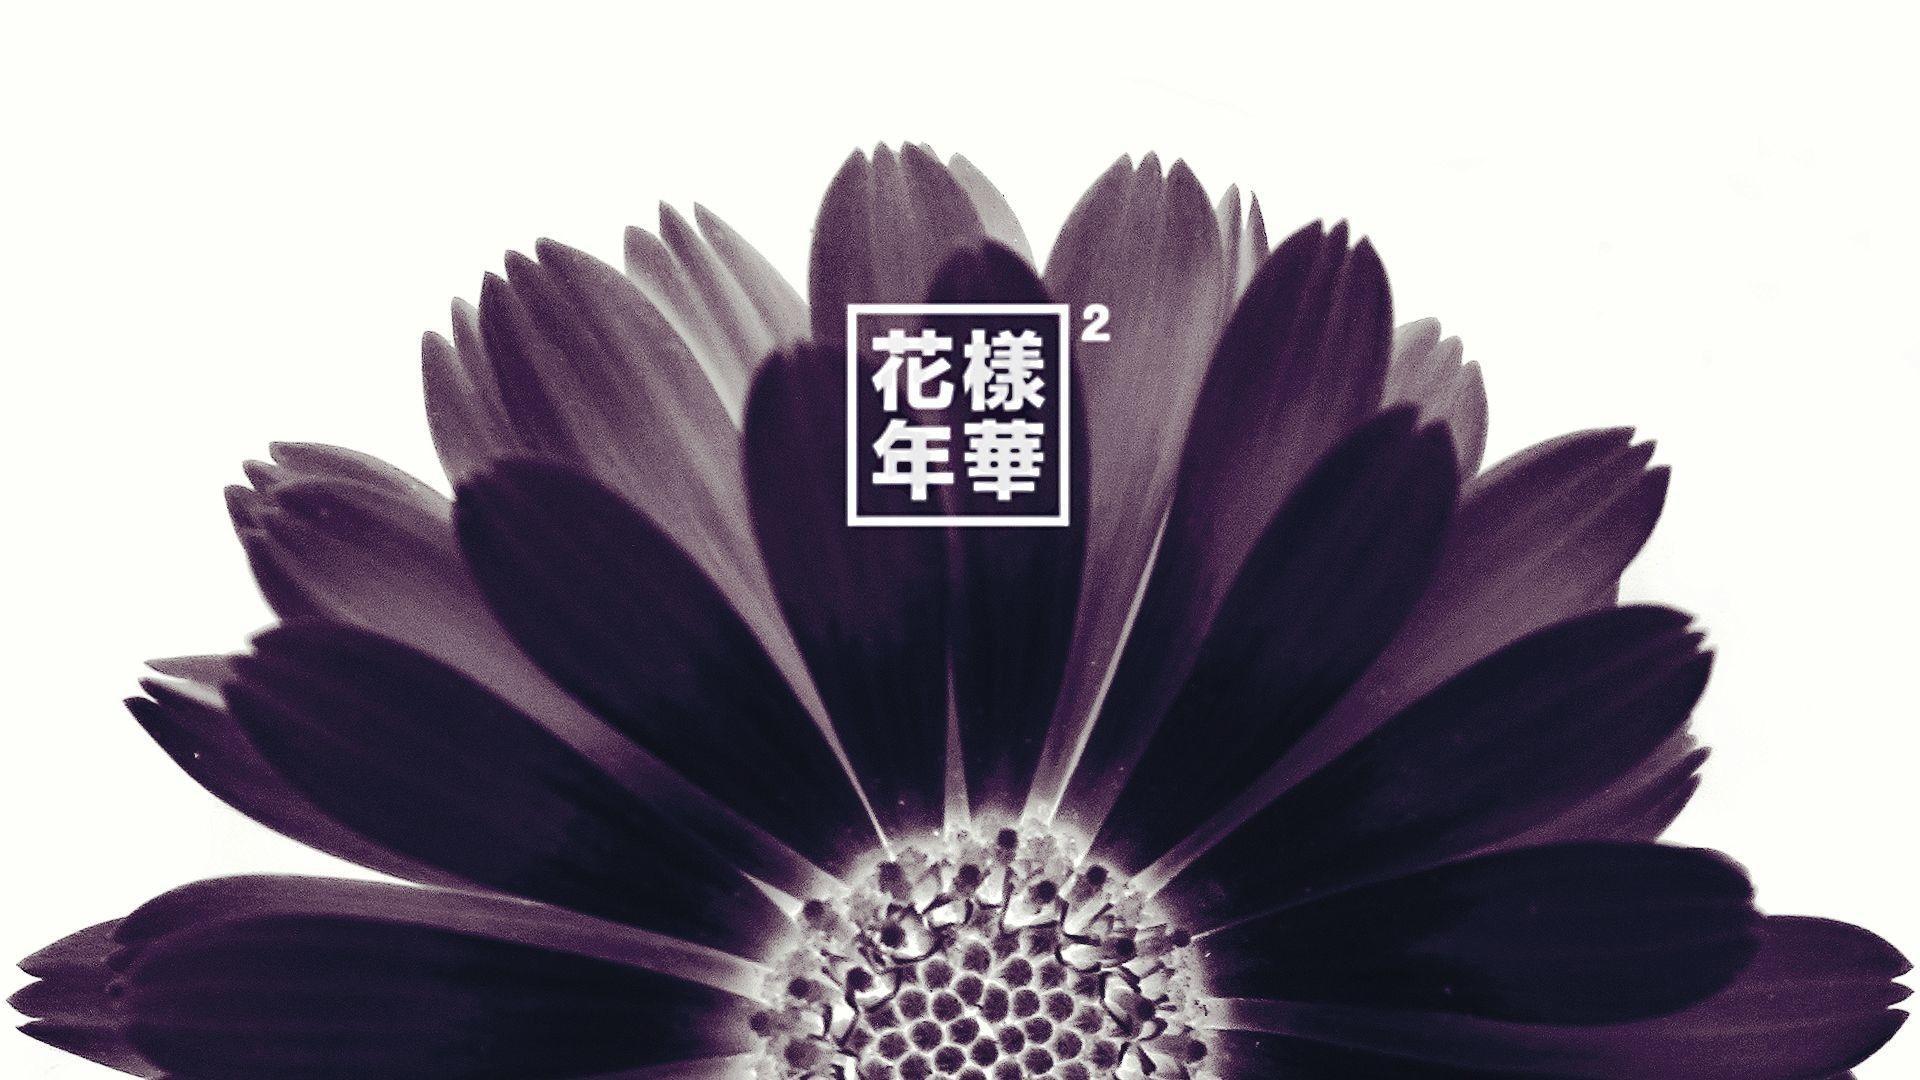 Stigma BTS Desktop Wallpapers - Top Free Stigma BTS ...